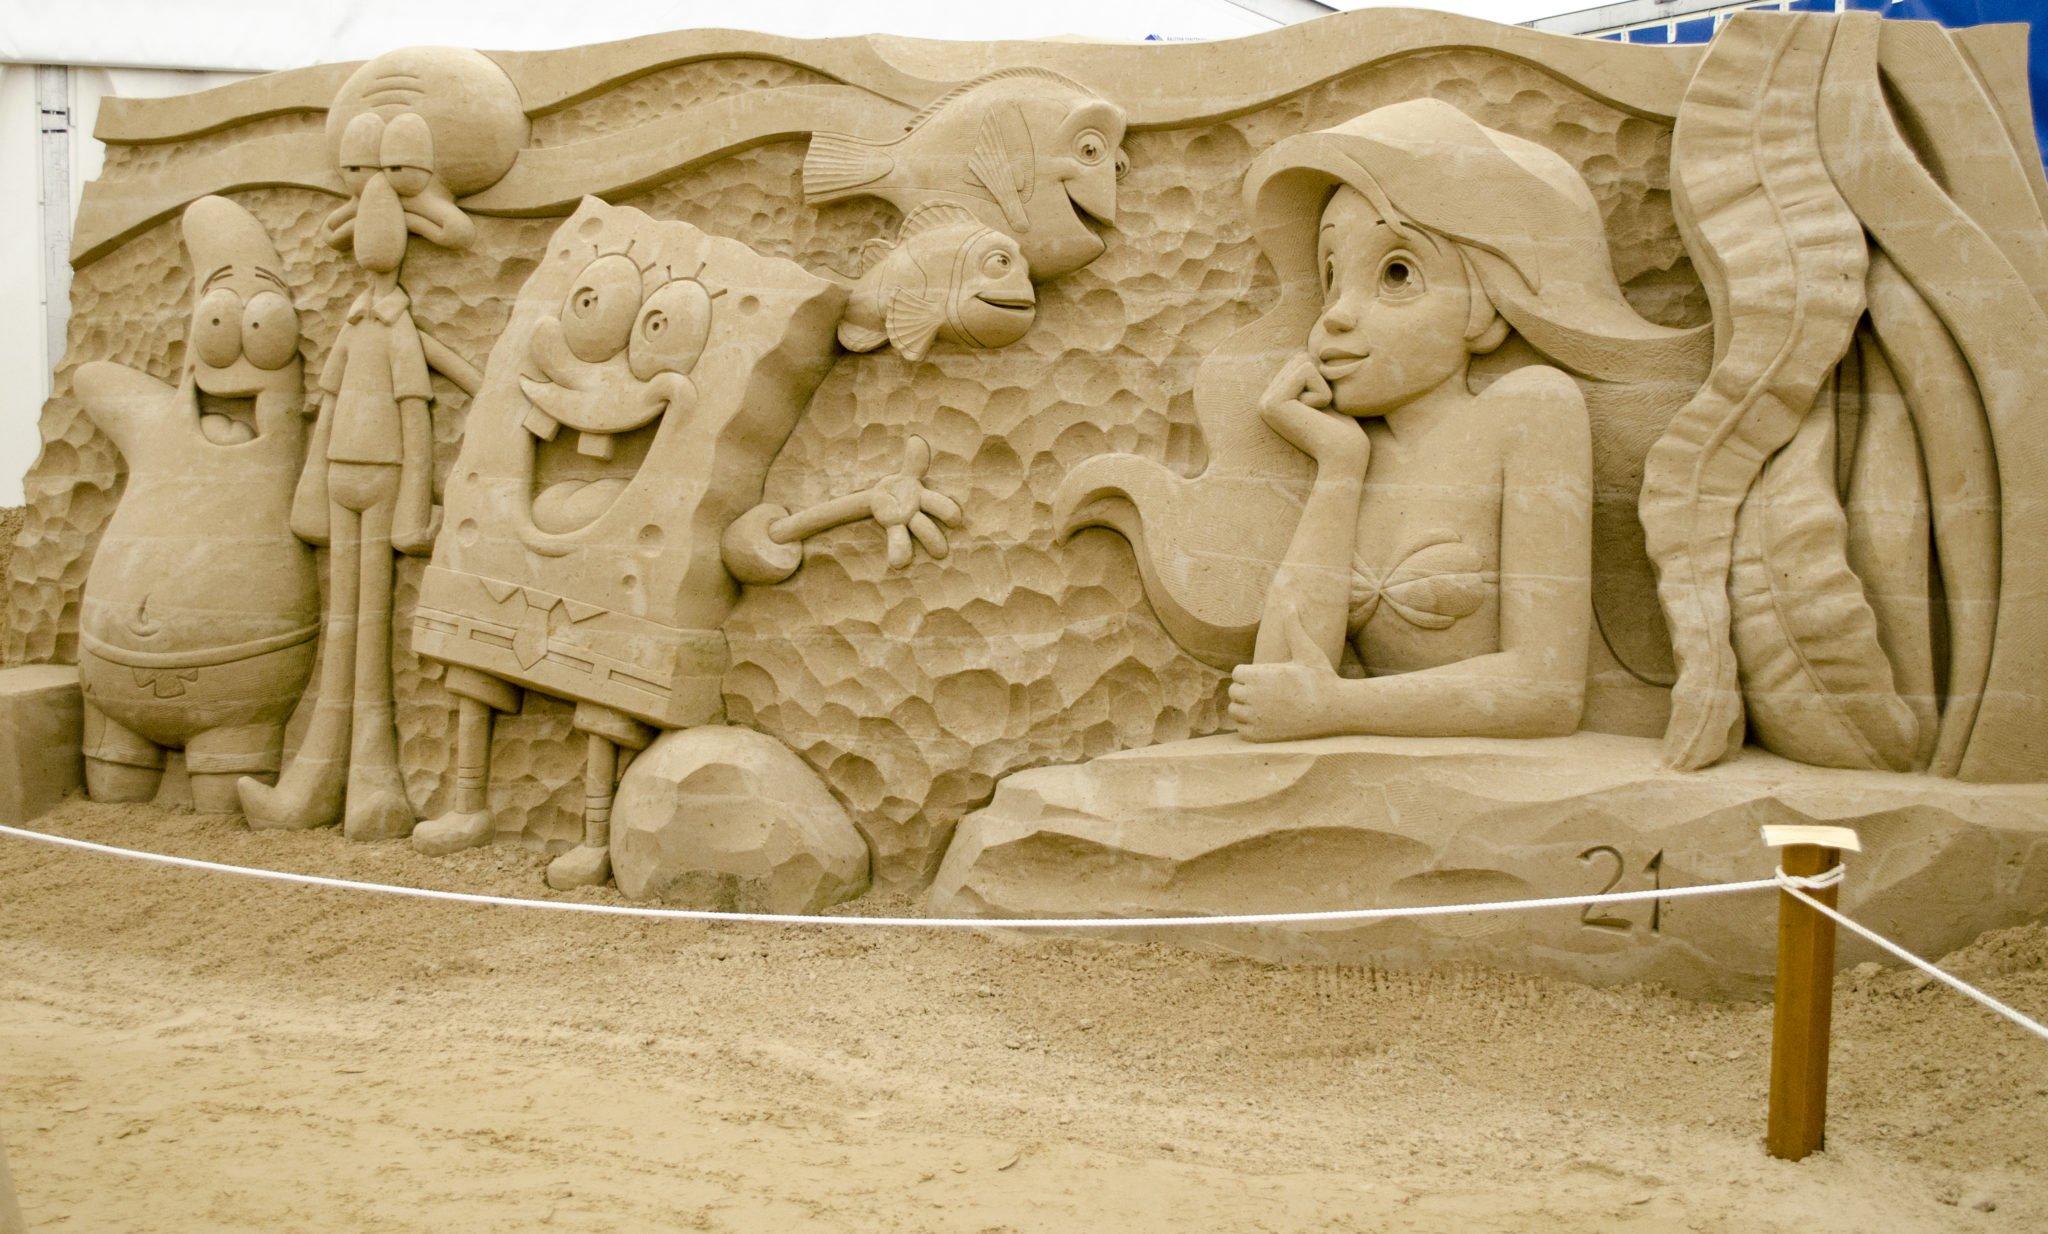 Sponge Bob - Nemo - Arielle Sandskulpturen